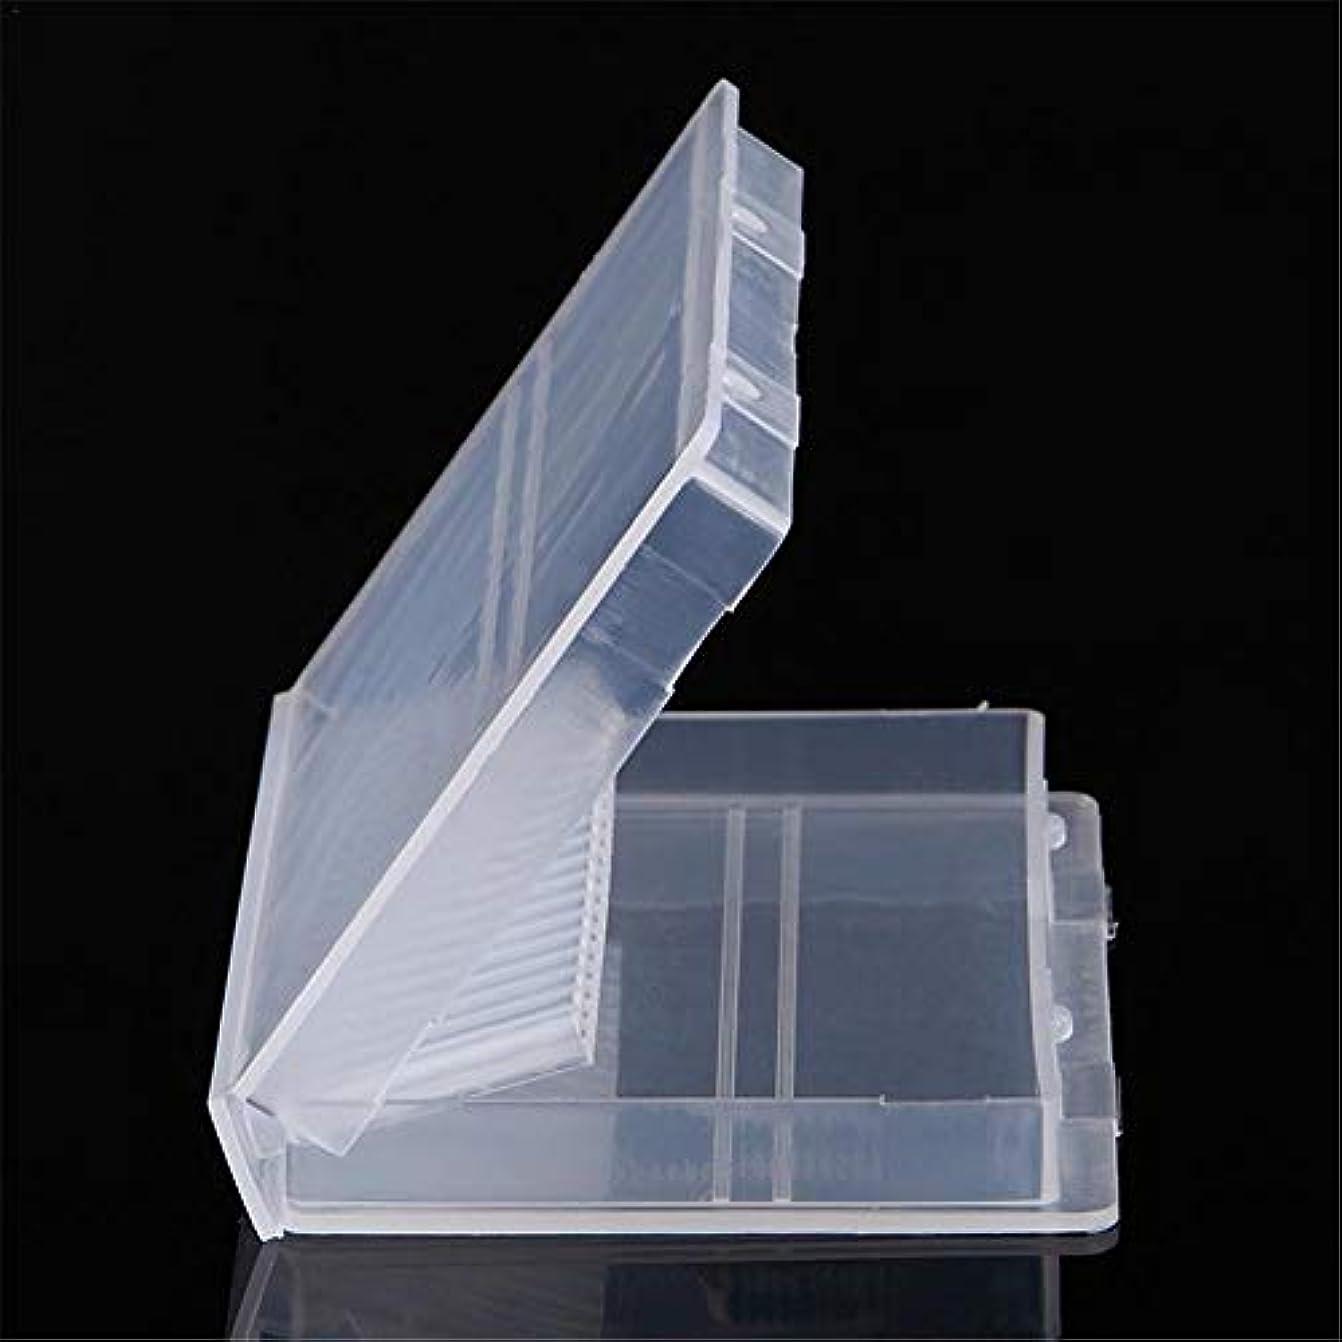 ひねり超える教養があるRuier-tong ネイルドリル 収納ケース ネイルビッドセット 研削ネイル用 透明 プラスチック 20穴 ネイル研削ヘッド収納ボックス